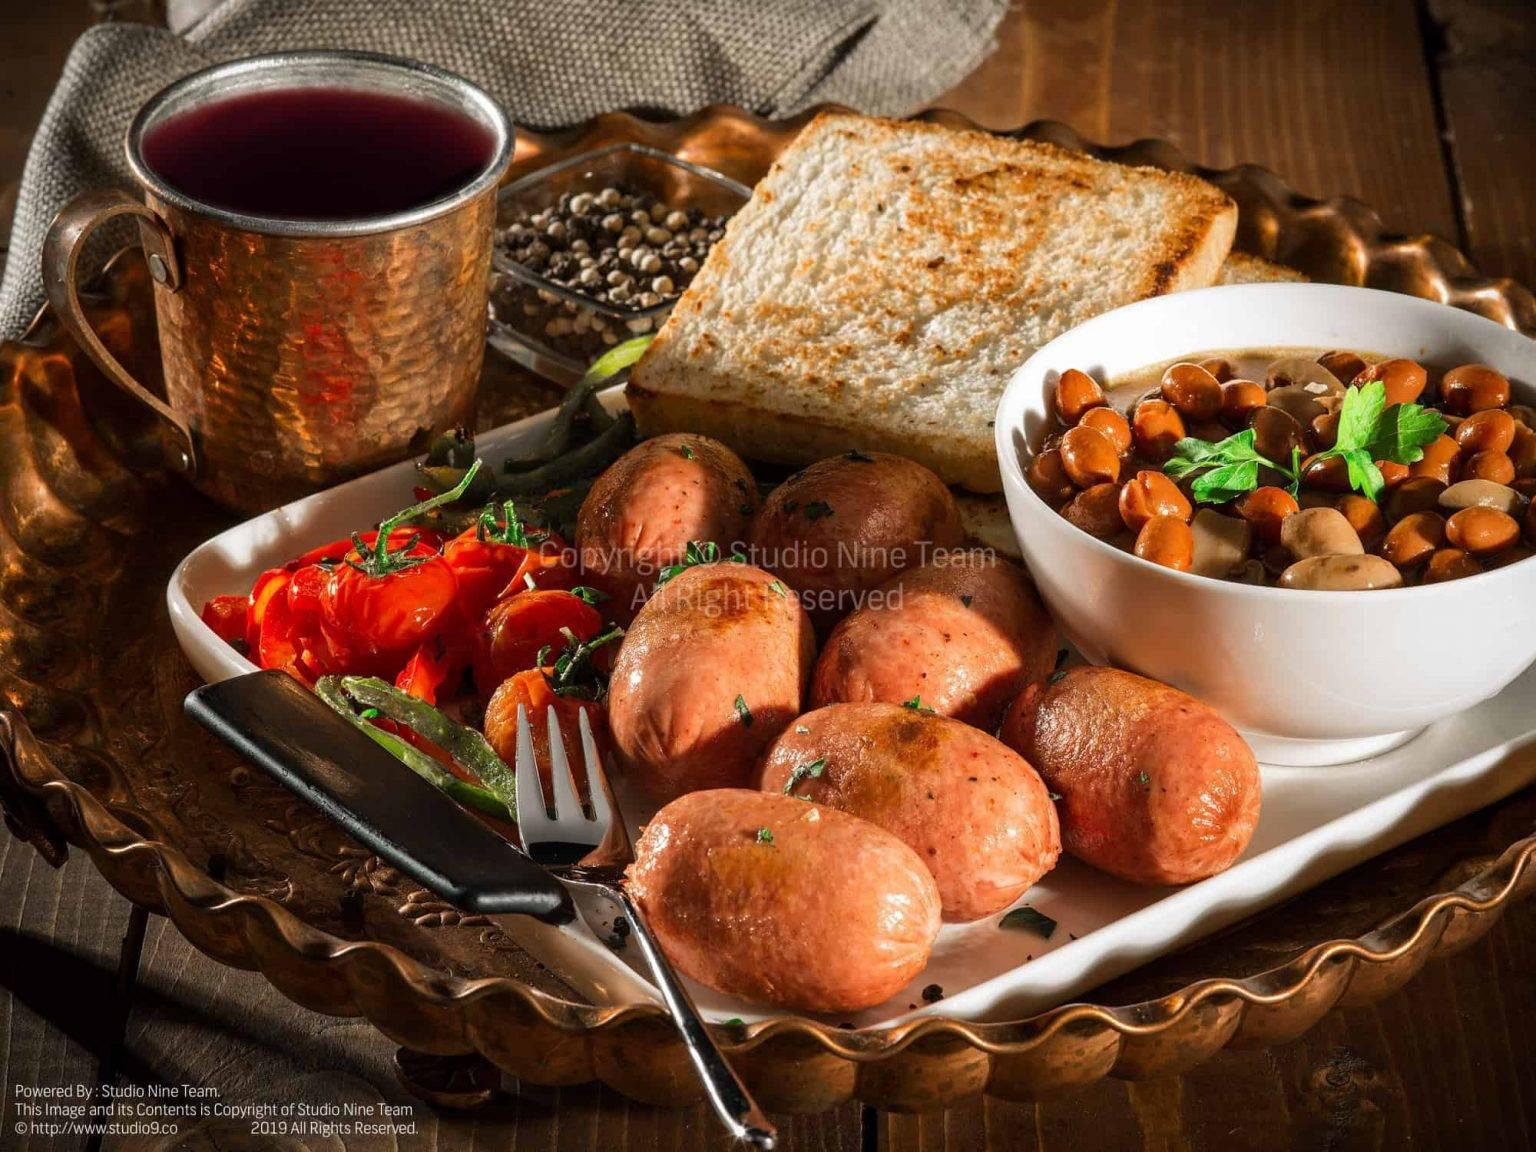 عکس محصولات طبخ شده دکوراتیو | تعرفه عکاسی دکوراتیو غذایی | عکاسی صنعتی | عکاسی تبلیغاتی | لیست قیمت عکاسی دکوراتیو غذایی